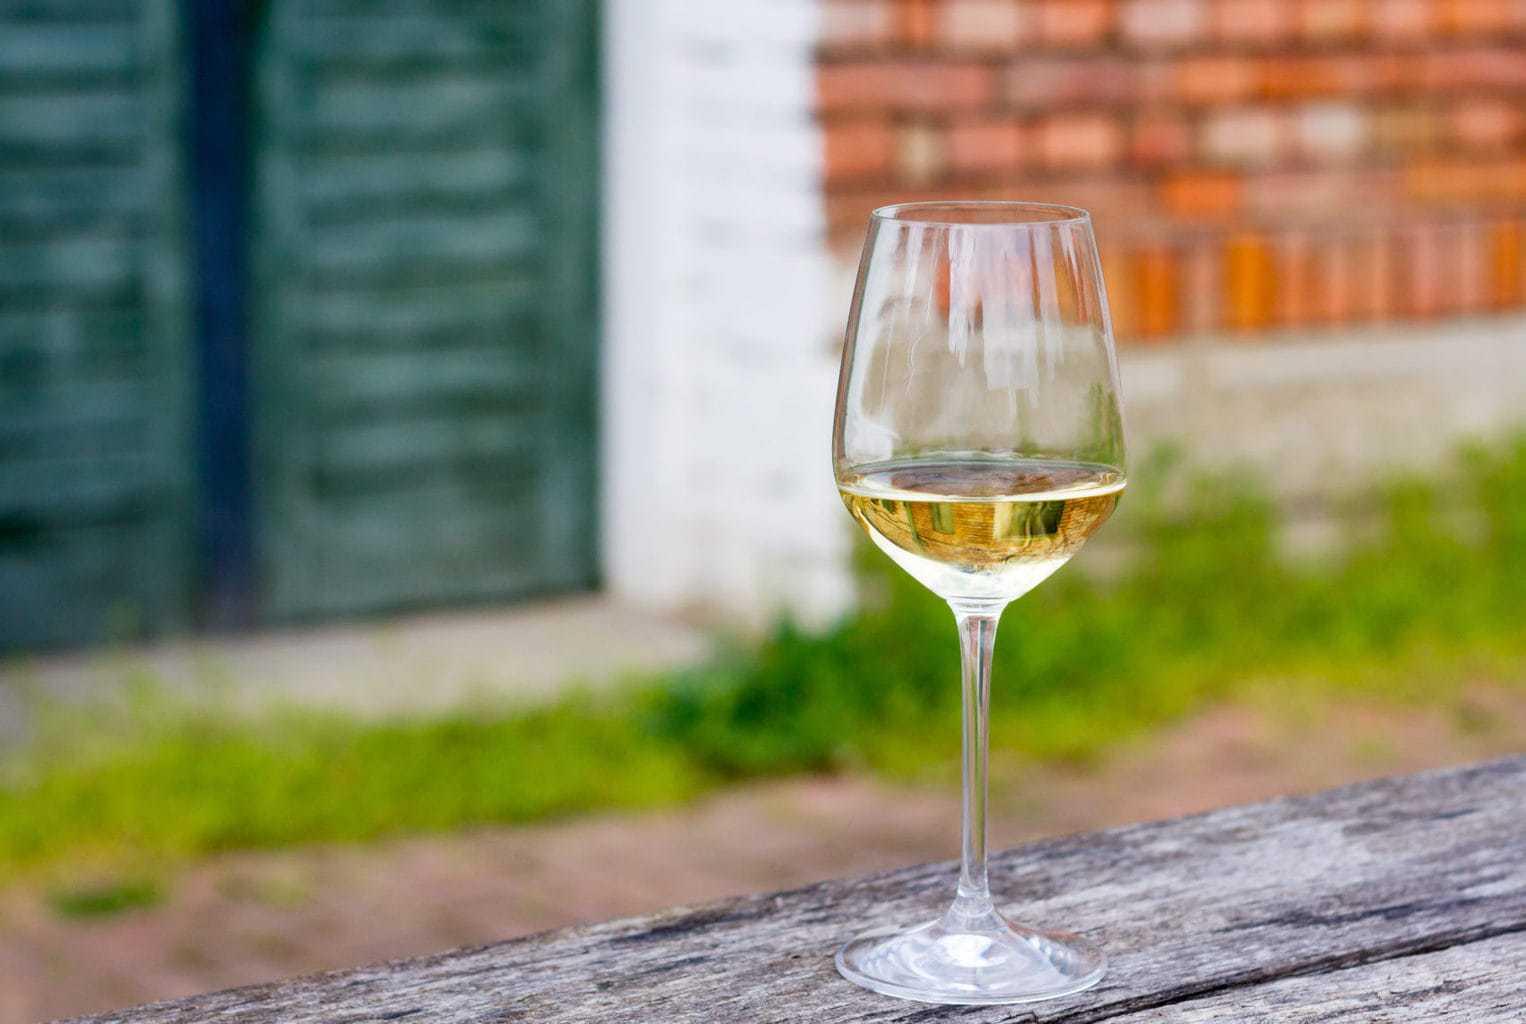 Een glas Riesling in de Duitse Rheingau